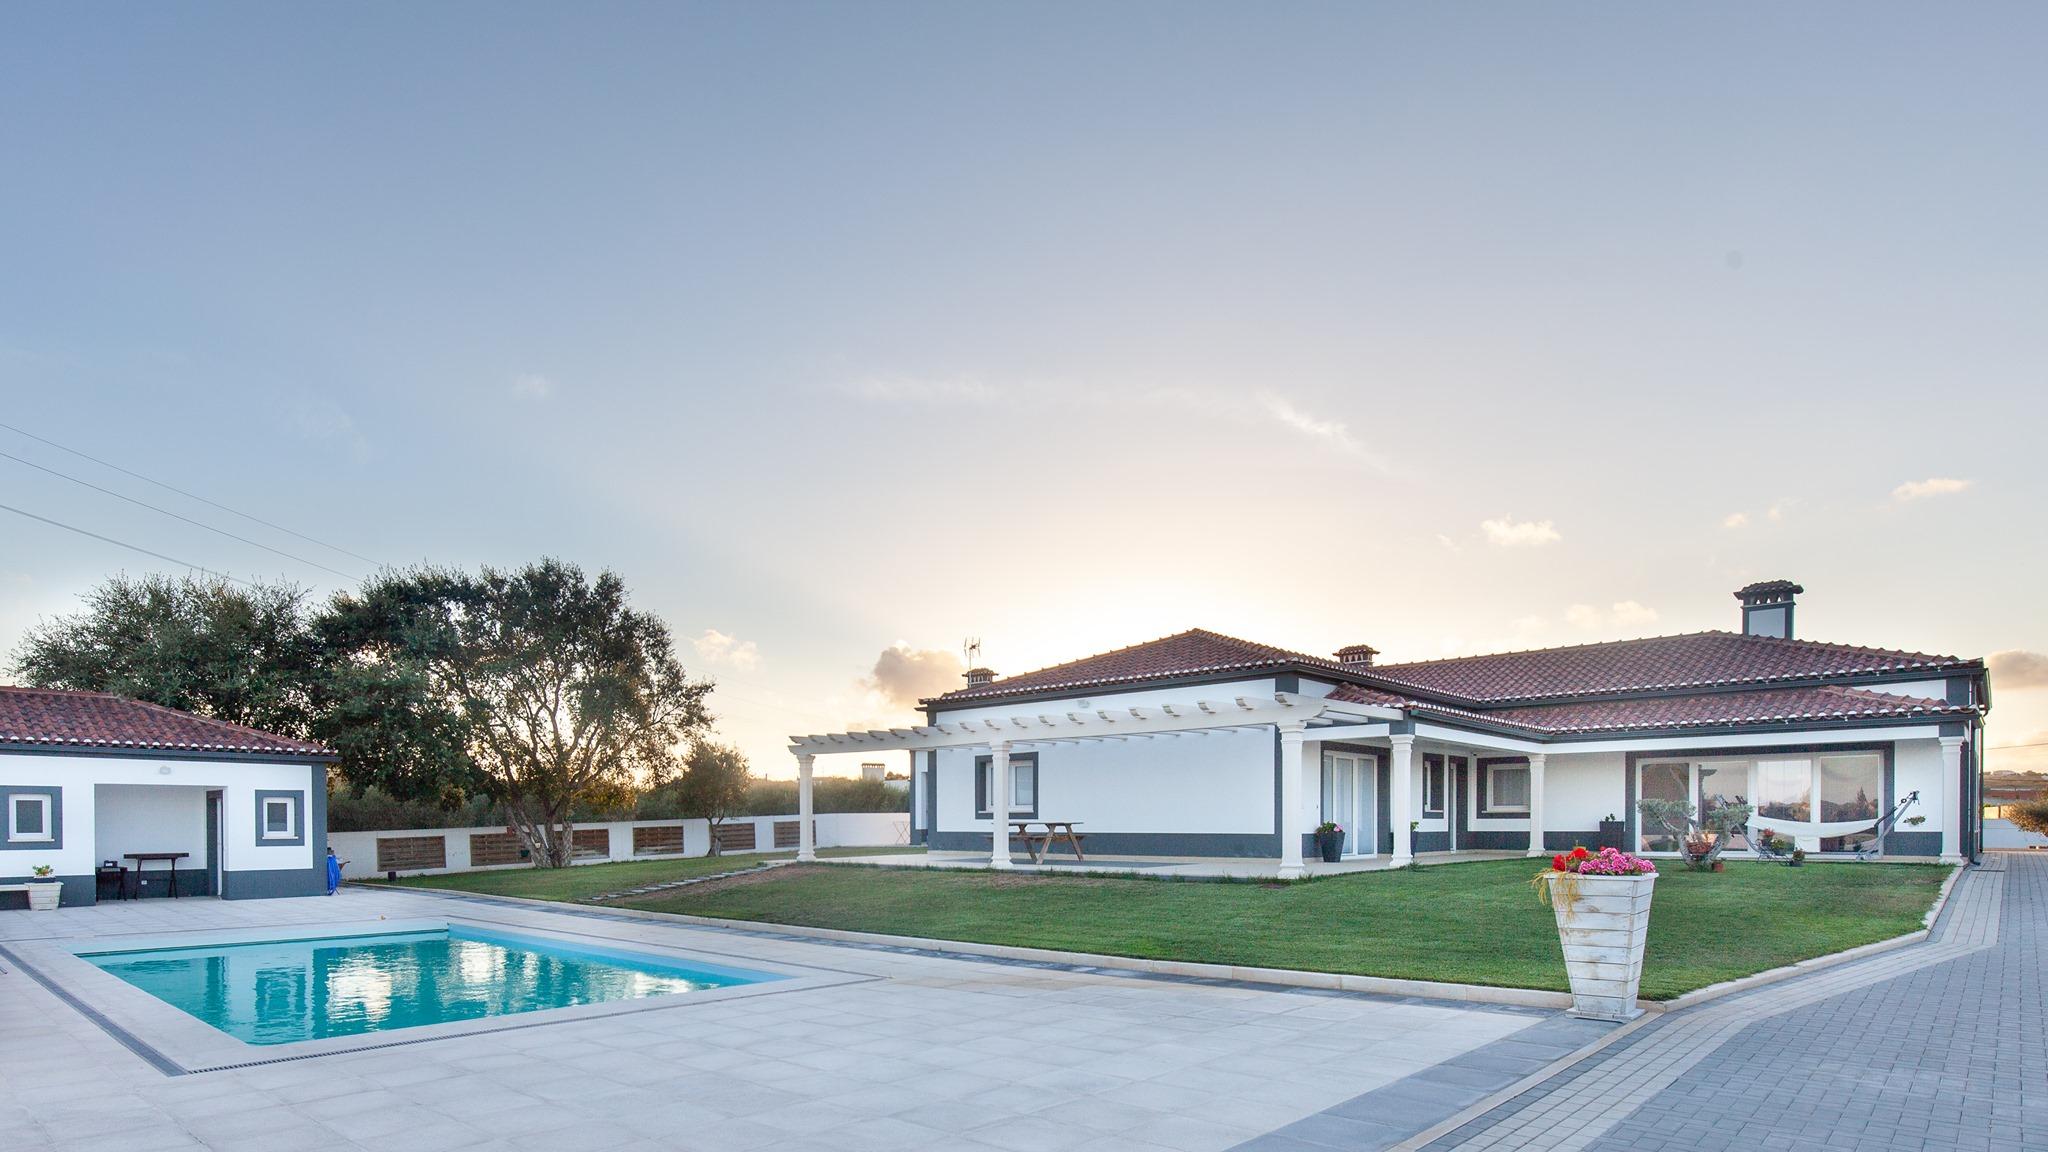 Tem uma casa com alma Colmo para vender ou arrendar?